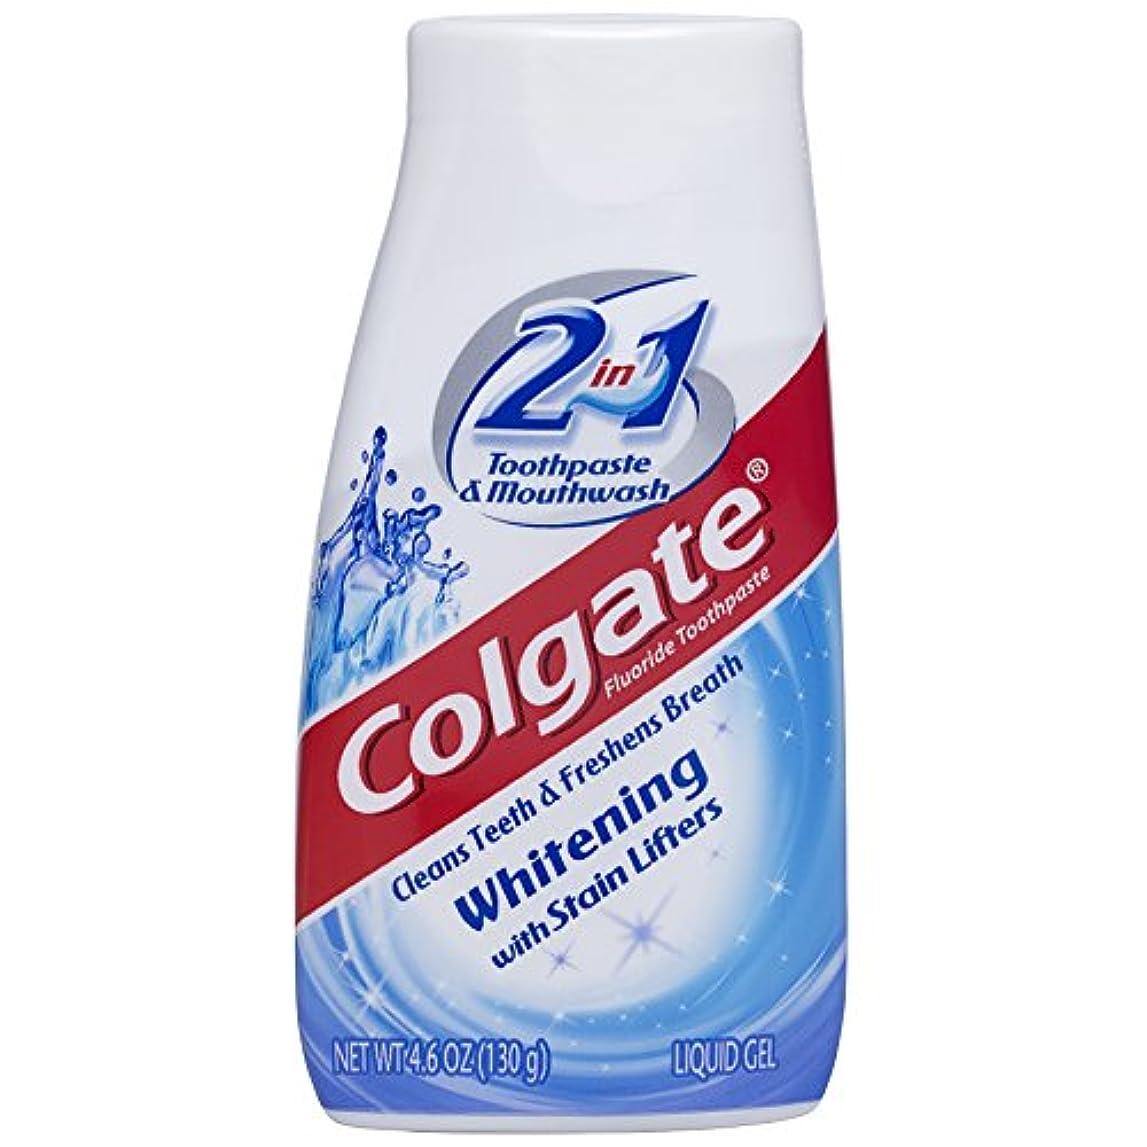 固有のスライム温帯海外直送品Colgate 2 In 1 Toothpaste & Mouthwash Whitening, 4.6 oz by Colgate